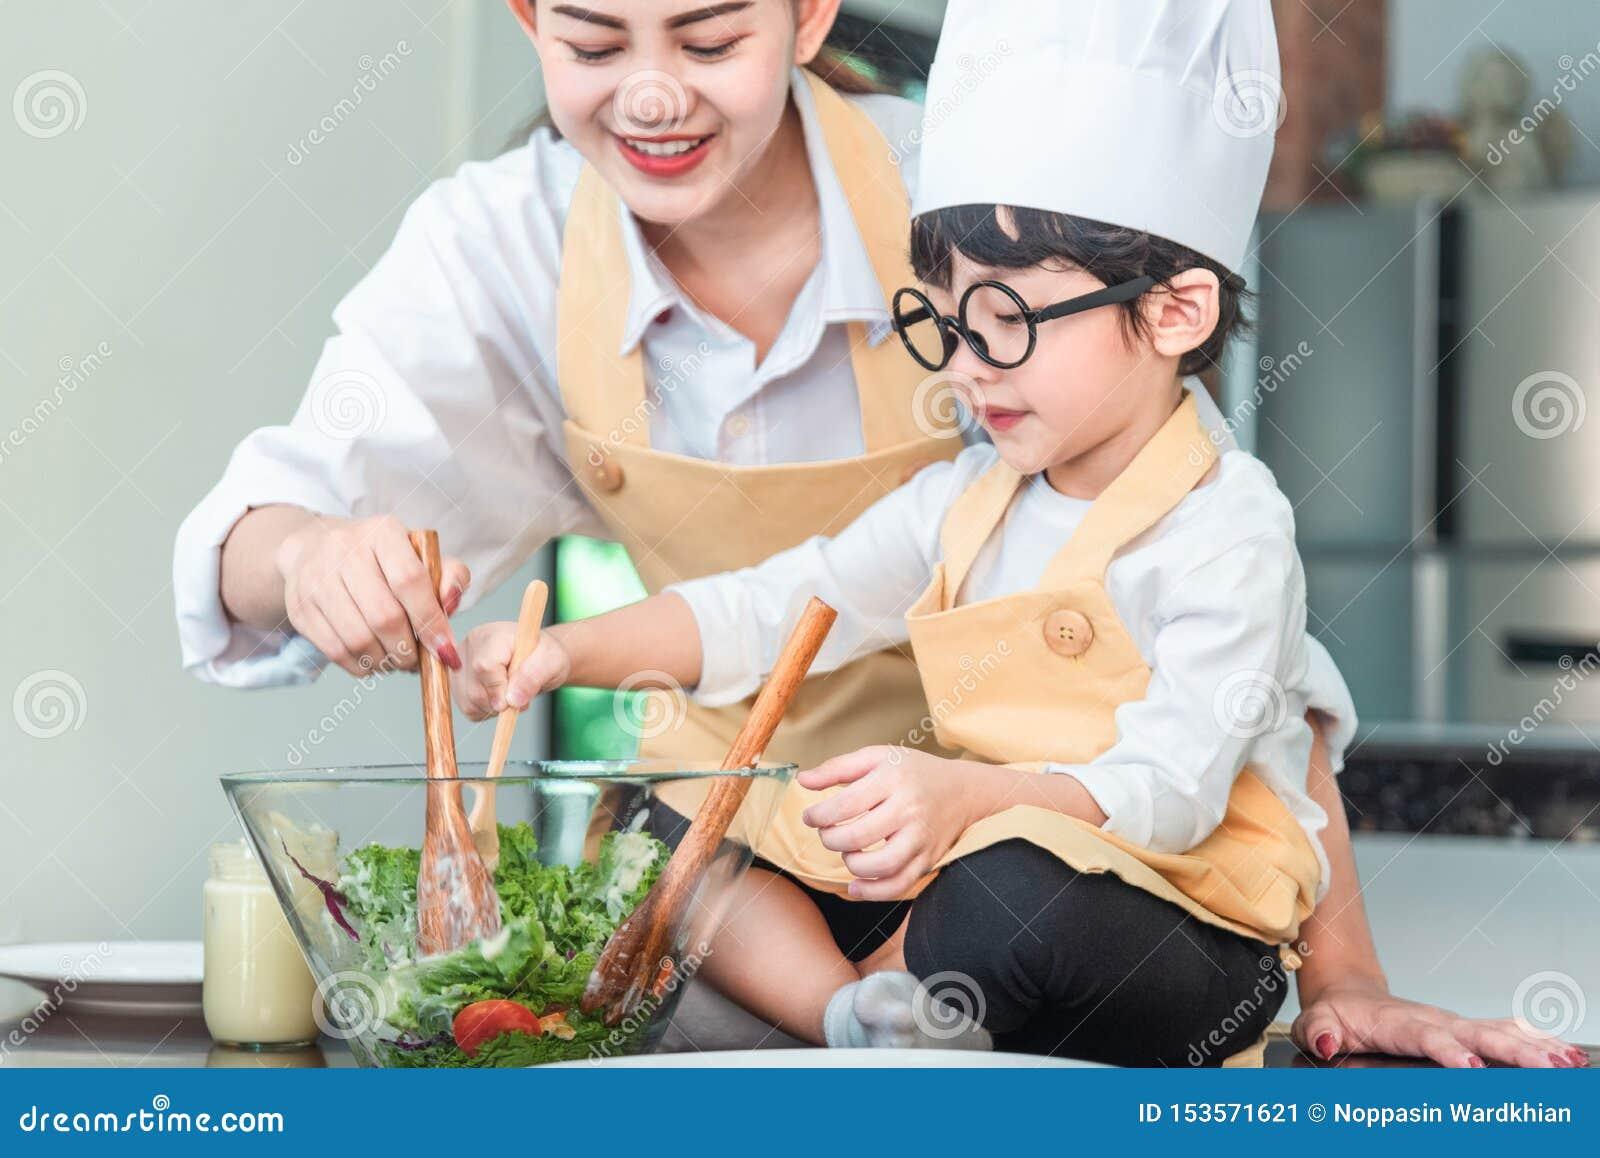 La mamá y su pequeña hija que cocinan la salsa boloñesa para la ensalada en la cocina, allí es vapor que se escapa de la cacerola